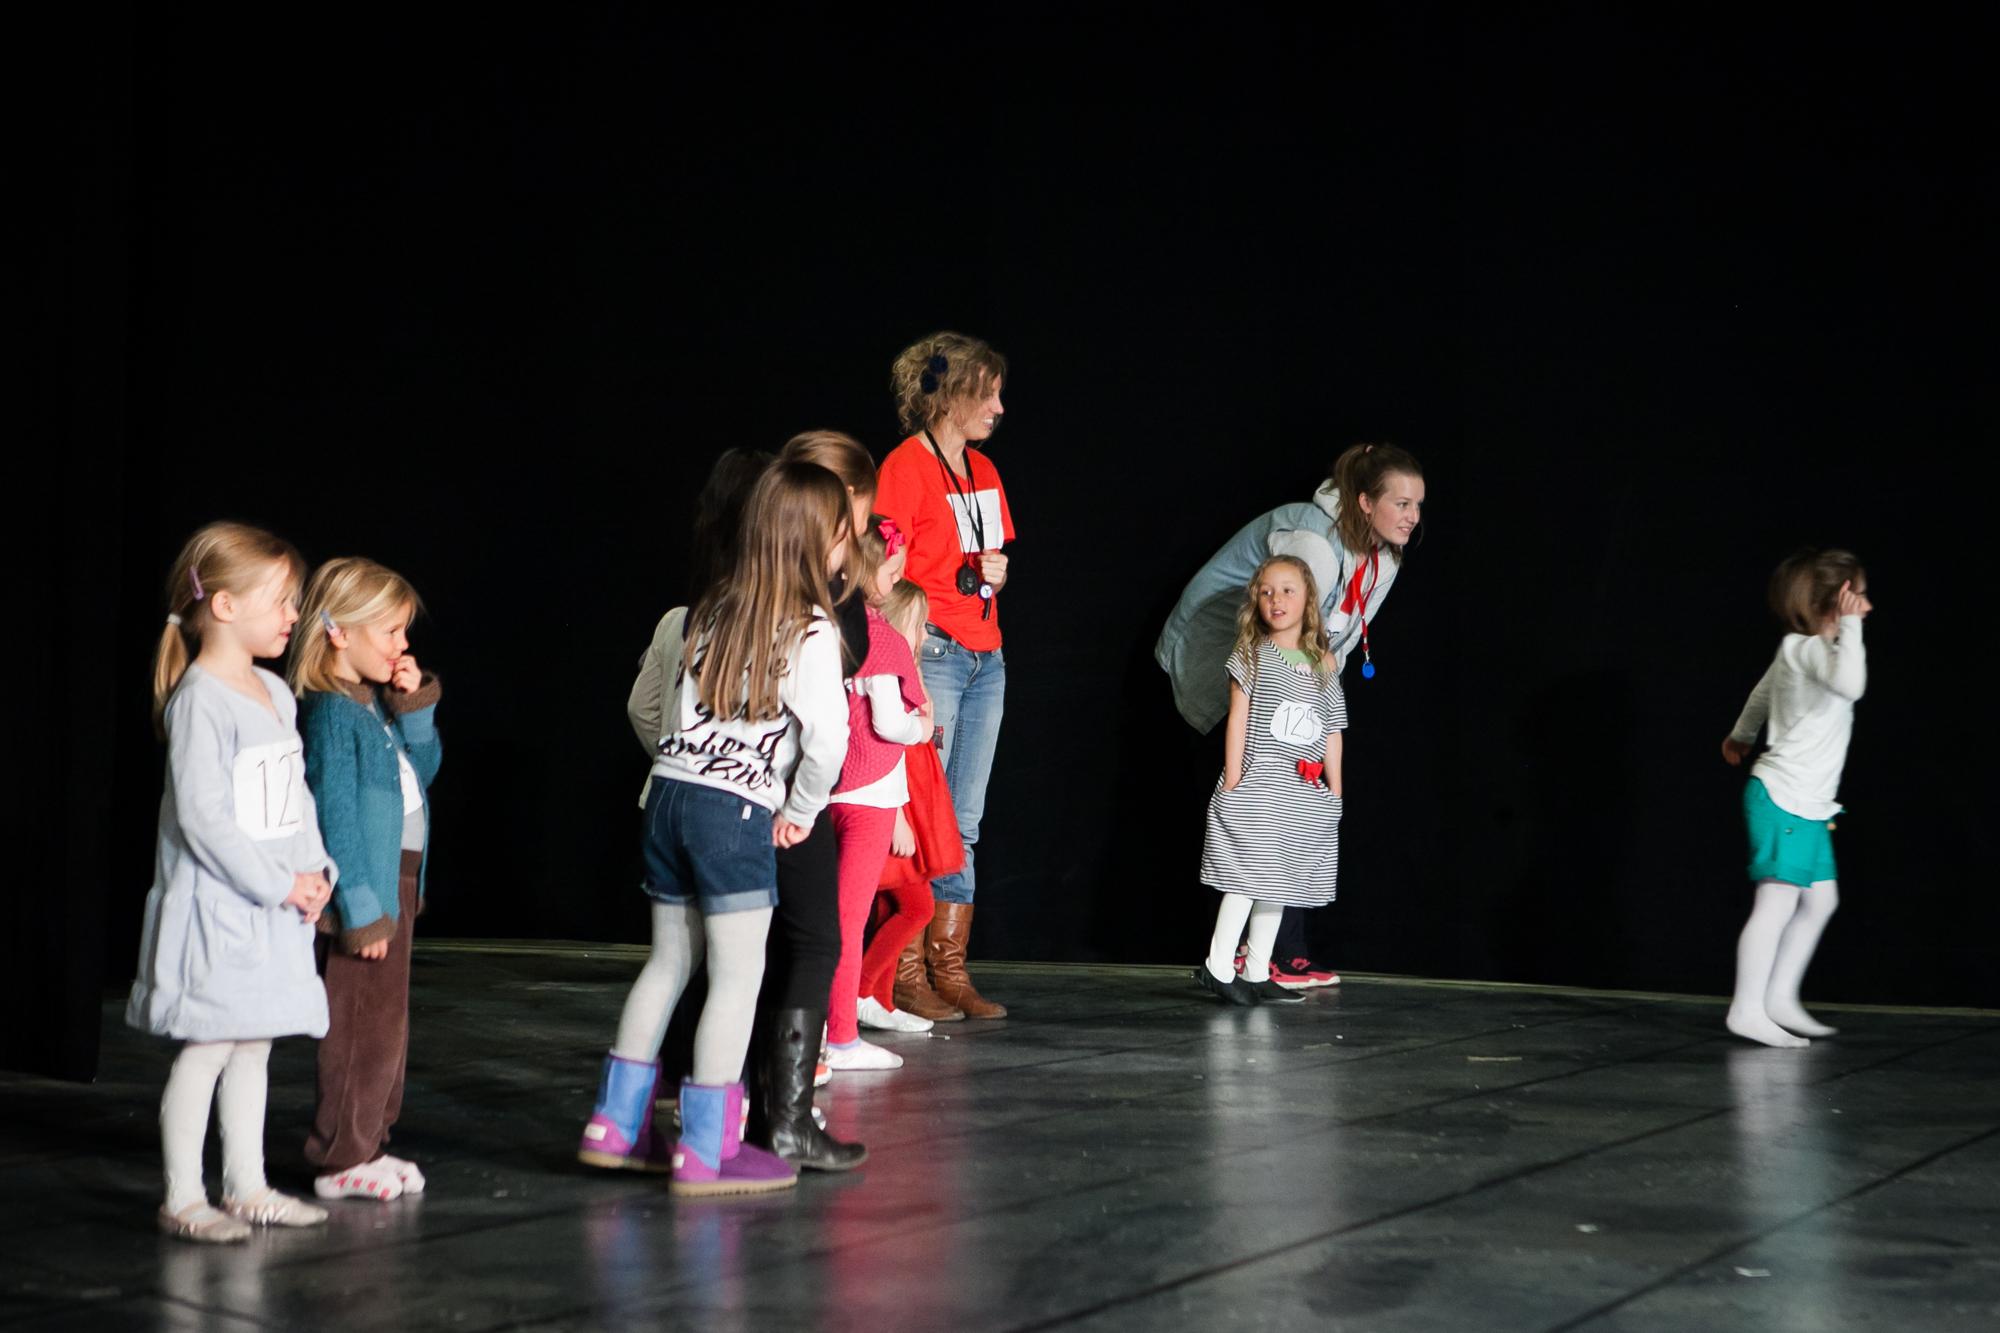 Jenter helt ned i 5-års alderen er på audition til Annie. De aller minste prøvespiller til rollen som Molly